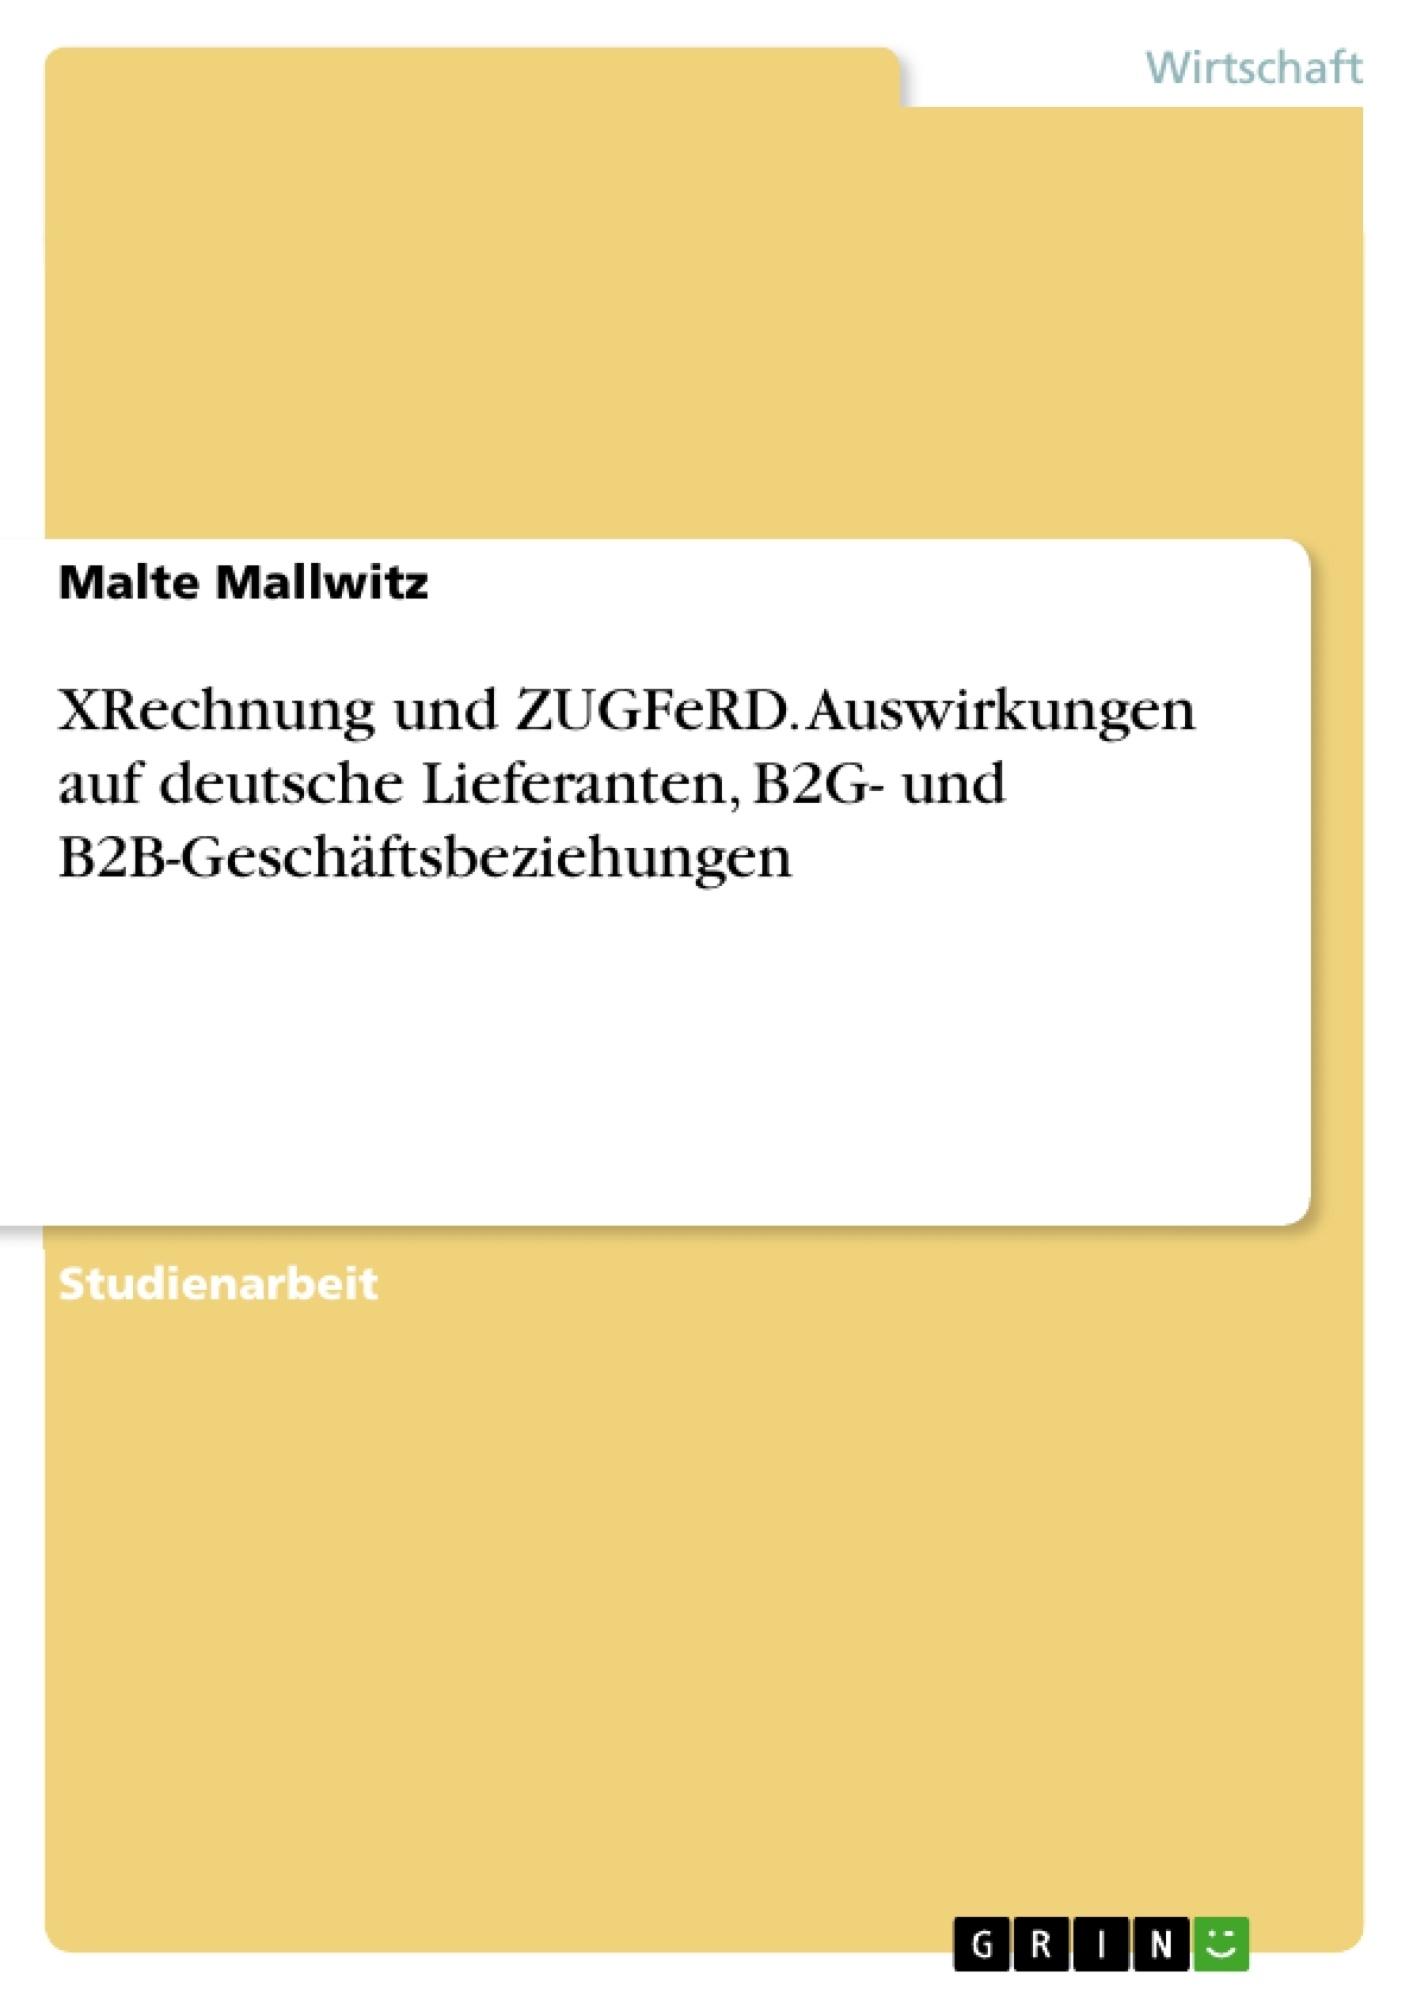 Titel: XRechnung und ZUGFeRD. Auswirkungen auf deutsche Lieferanten, B2G- und B2B-Geschäftsbeziehungen